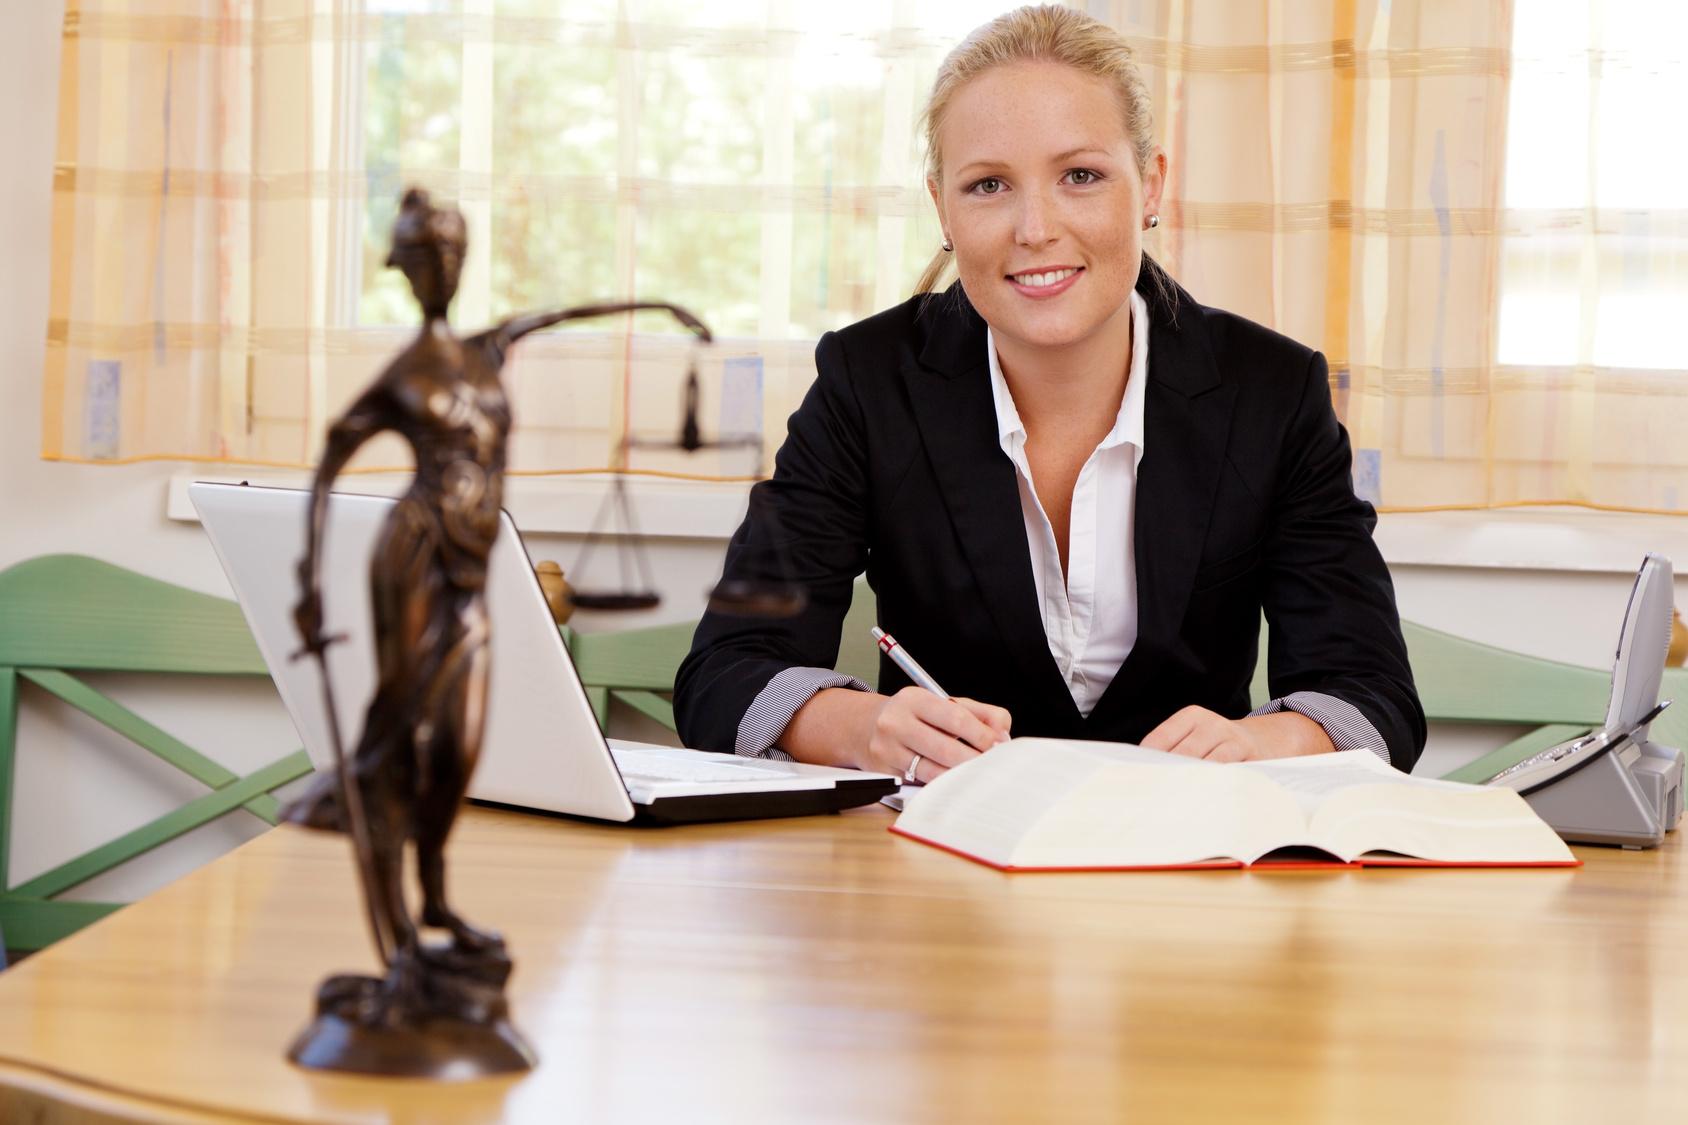 Beratungshilfe für Rechtsberatung und der Beratungshilfeschein